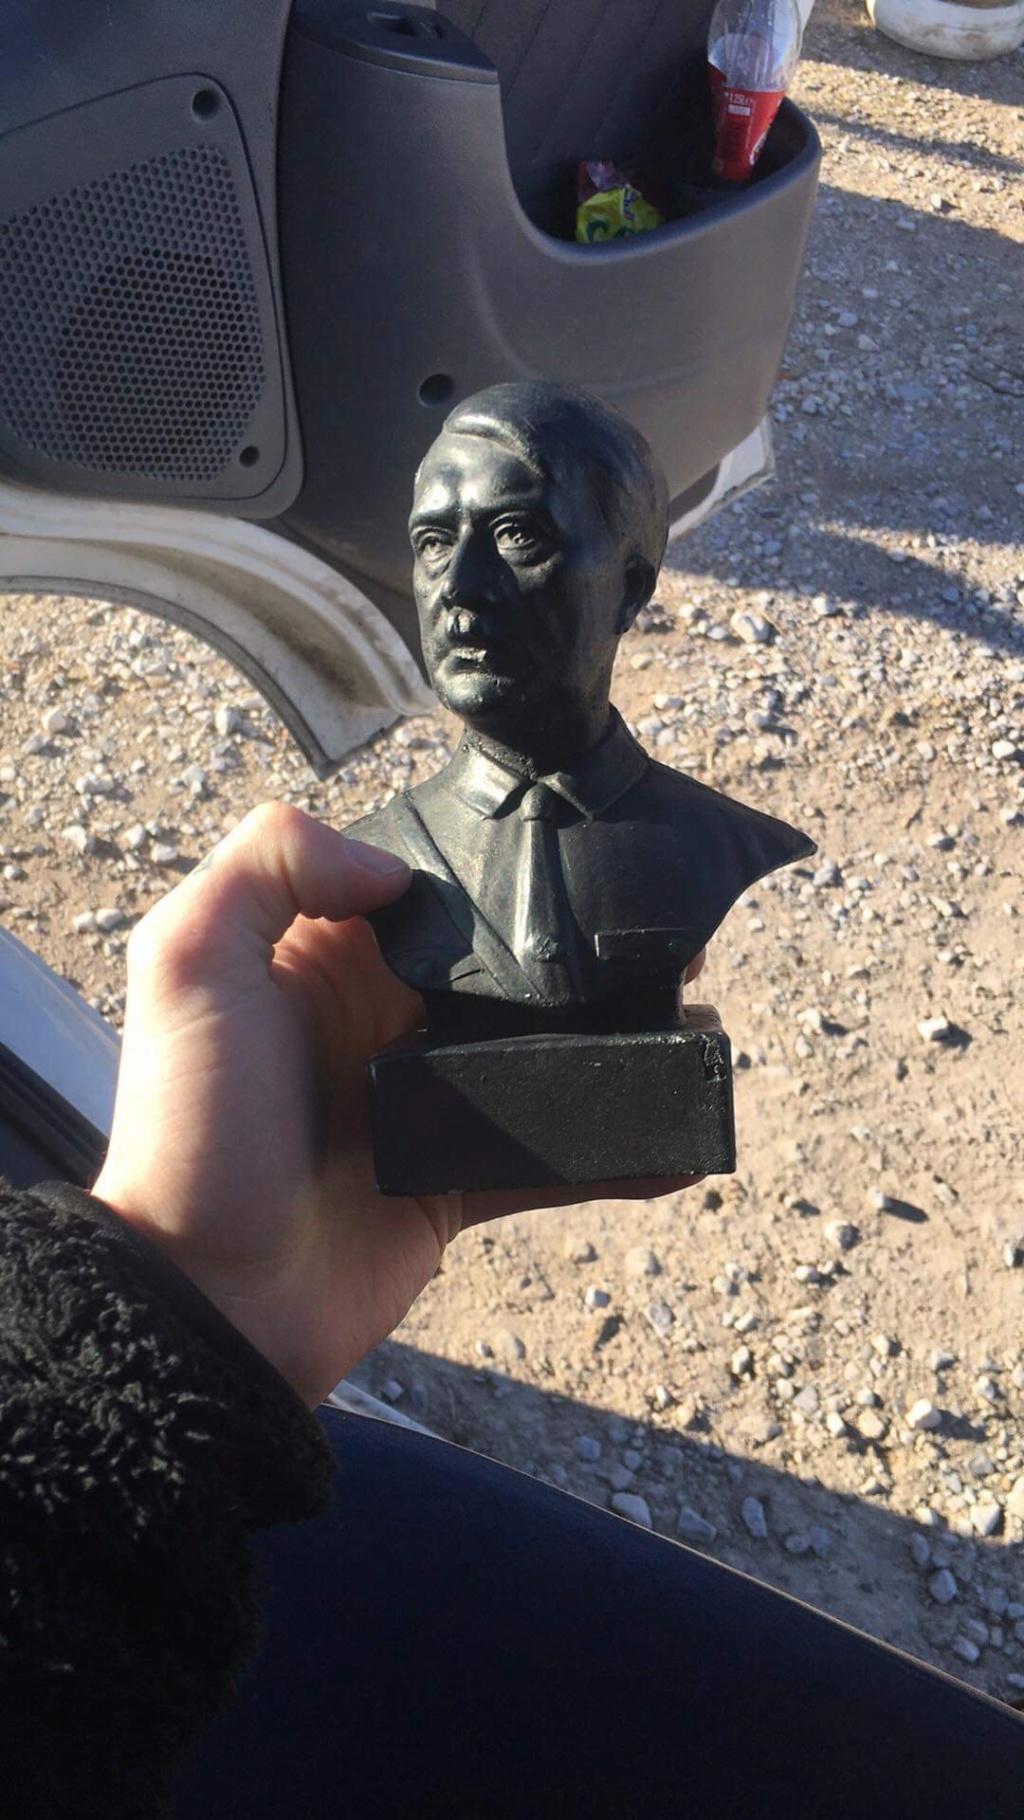 Un buste d'Adolf Hitler pour moi ce matin  46571110